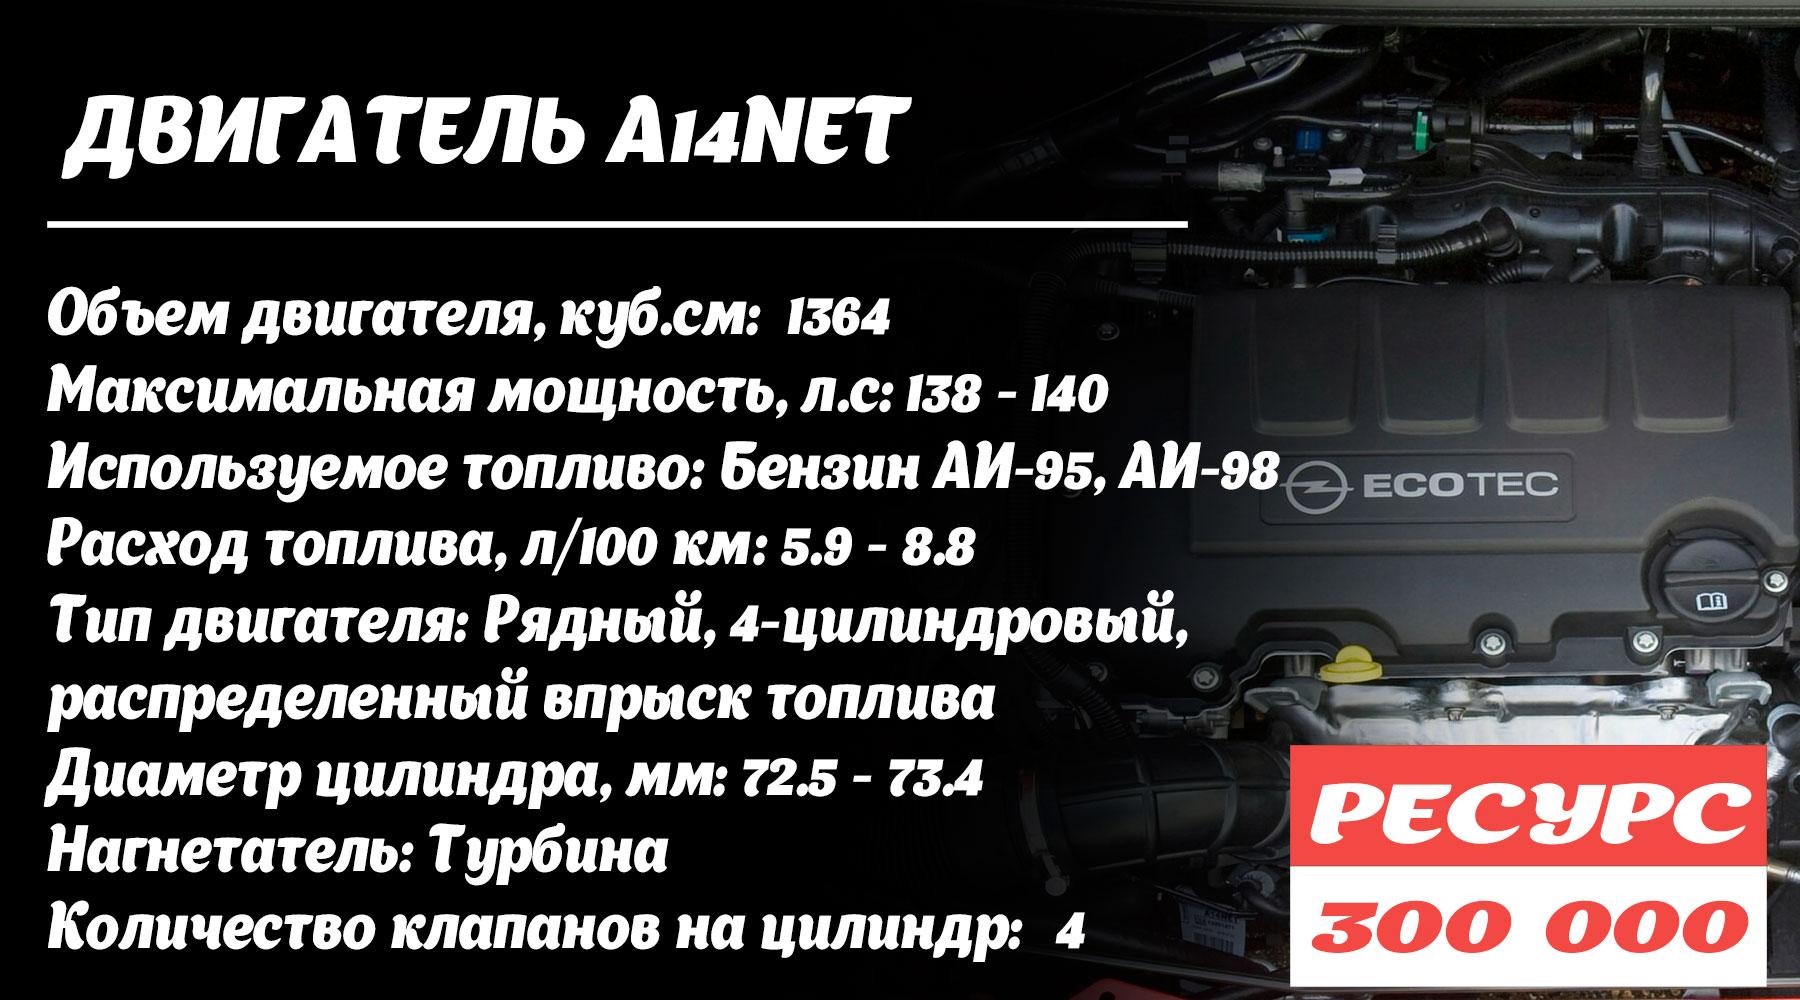 Двигатель A14NET